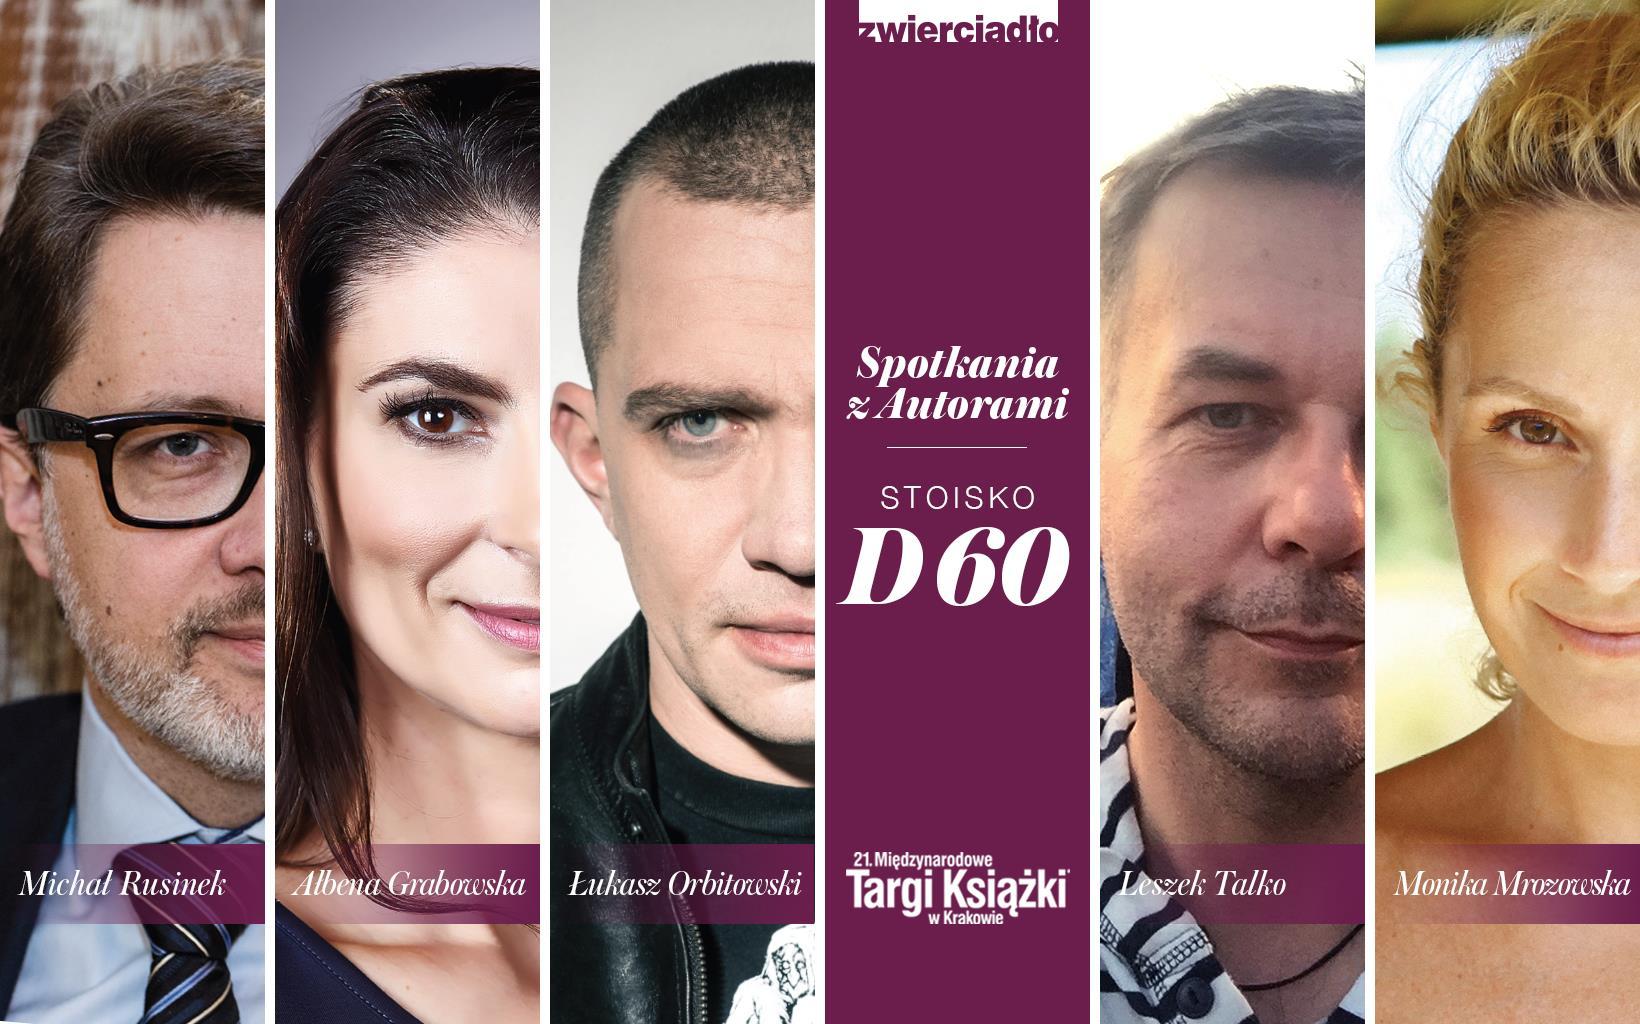 Wydawnictwo Zwierciadło zaprasza na 21. Międzynarodowe Targi Książki w Krakowie